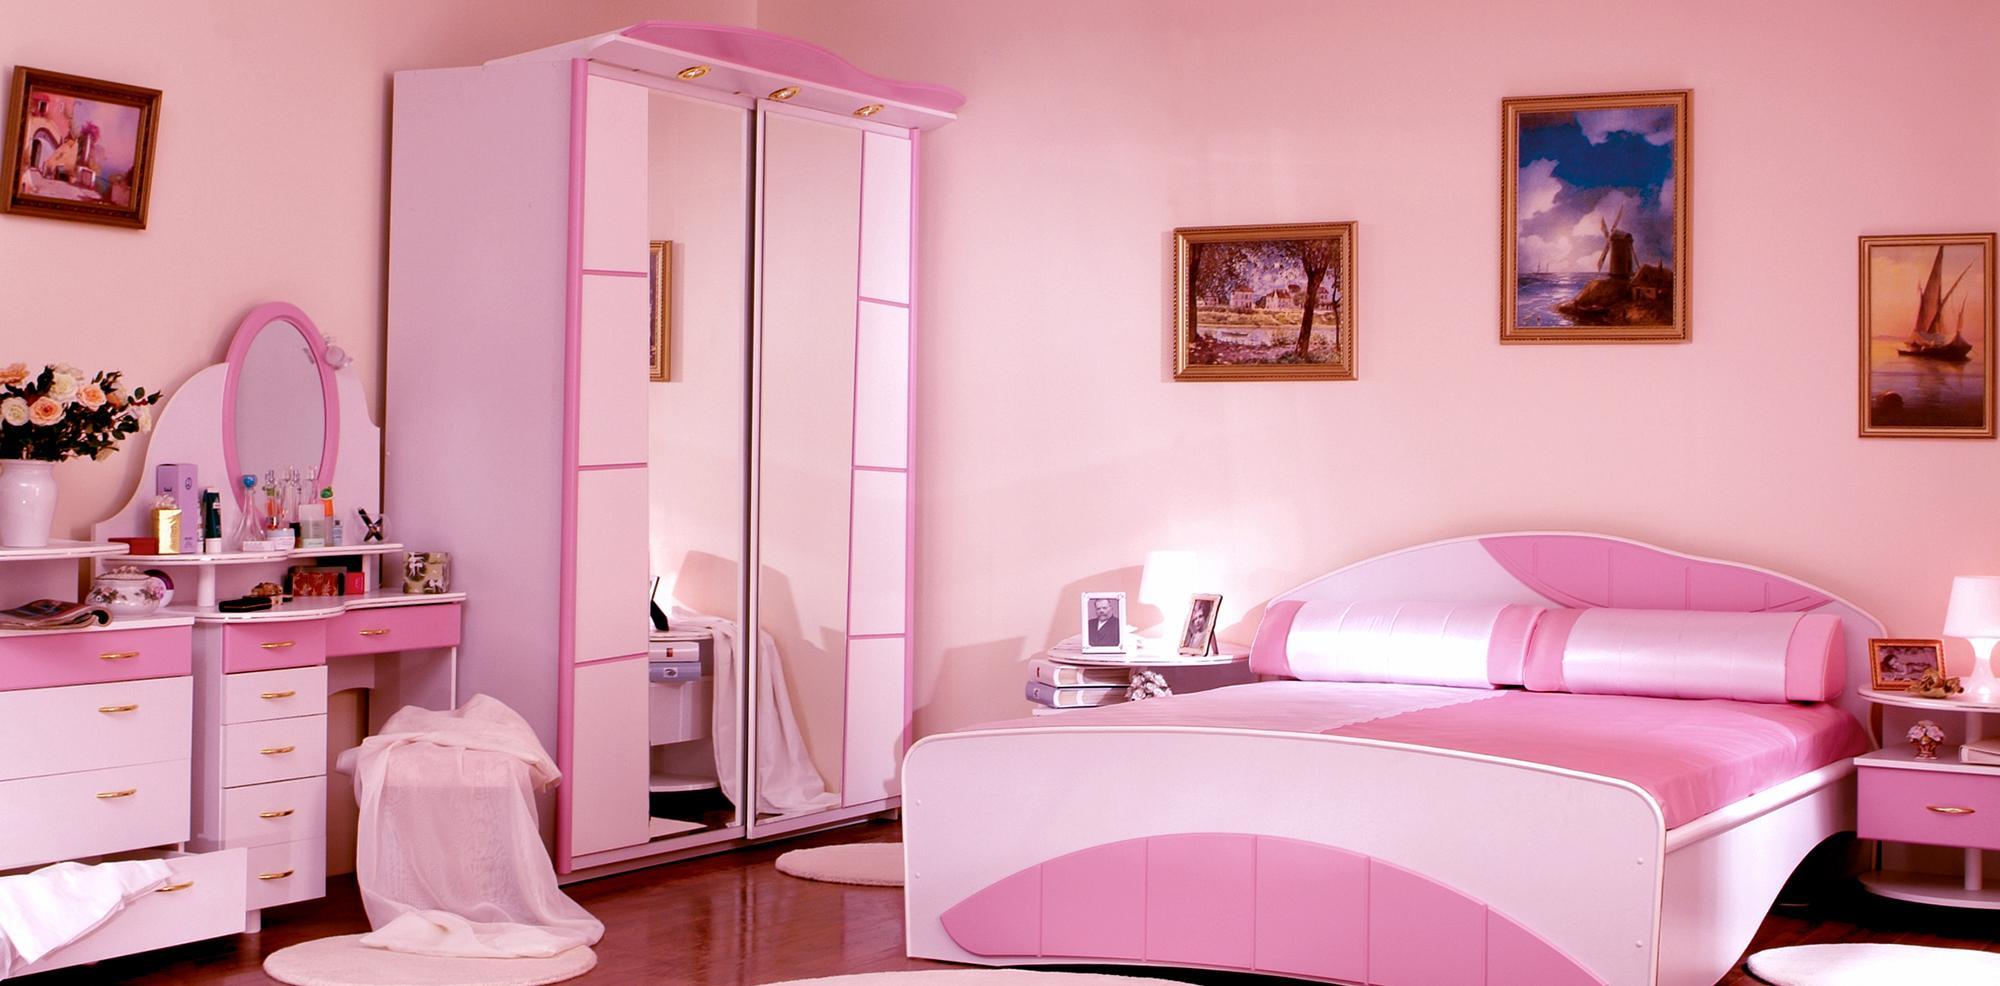 Розово-белая мебель в спальне